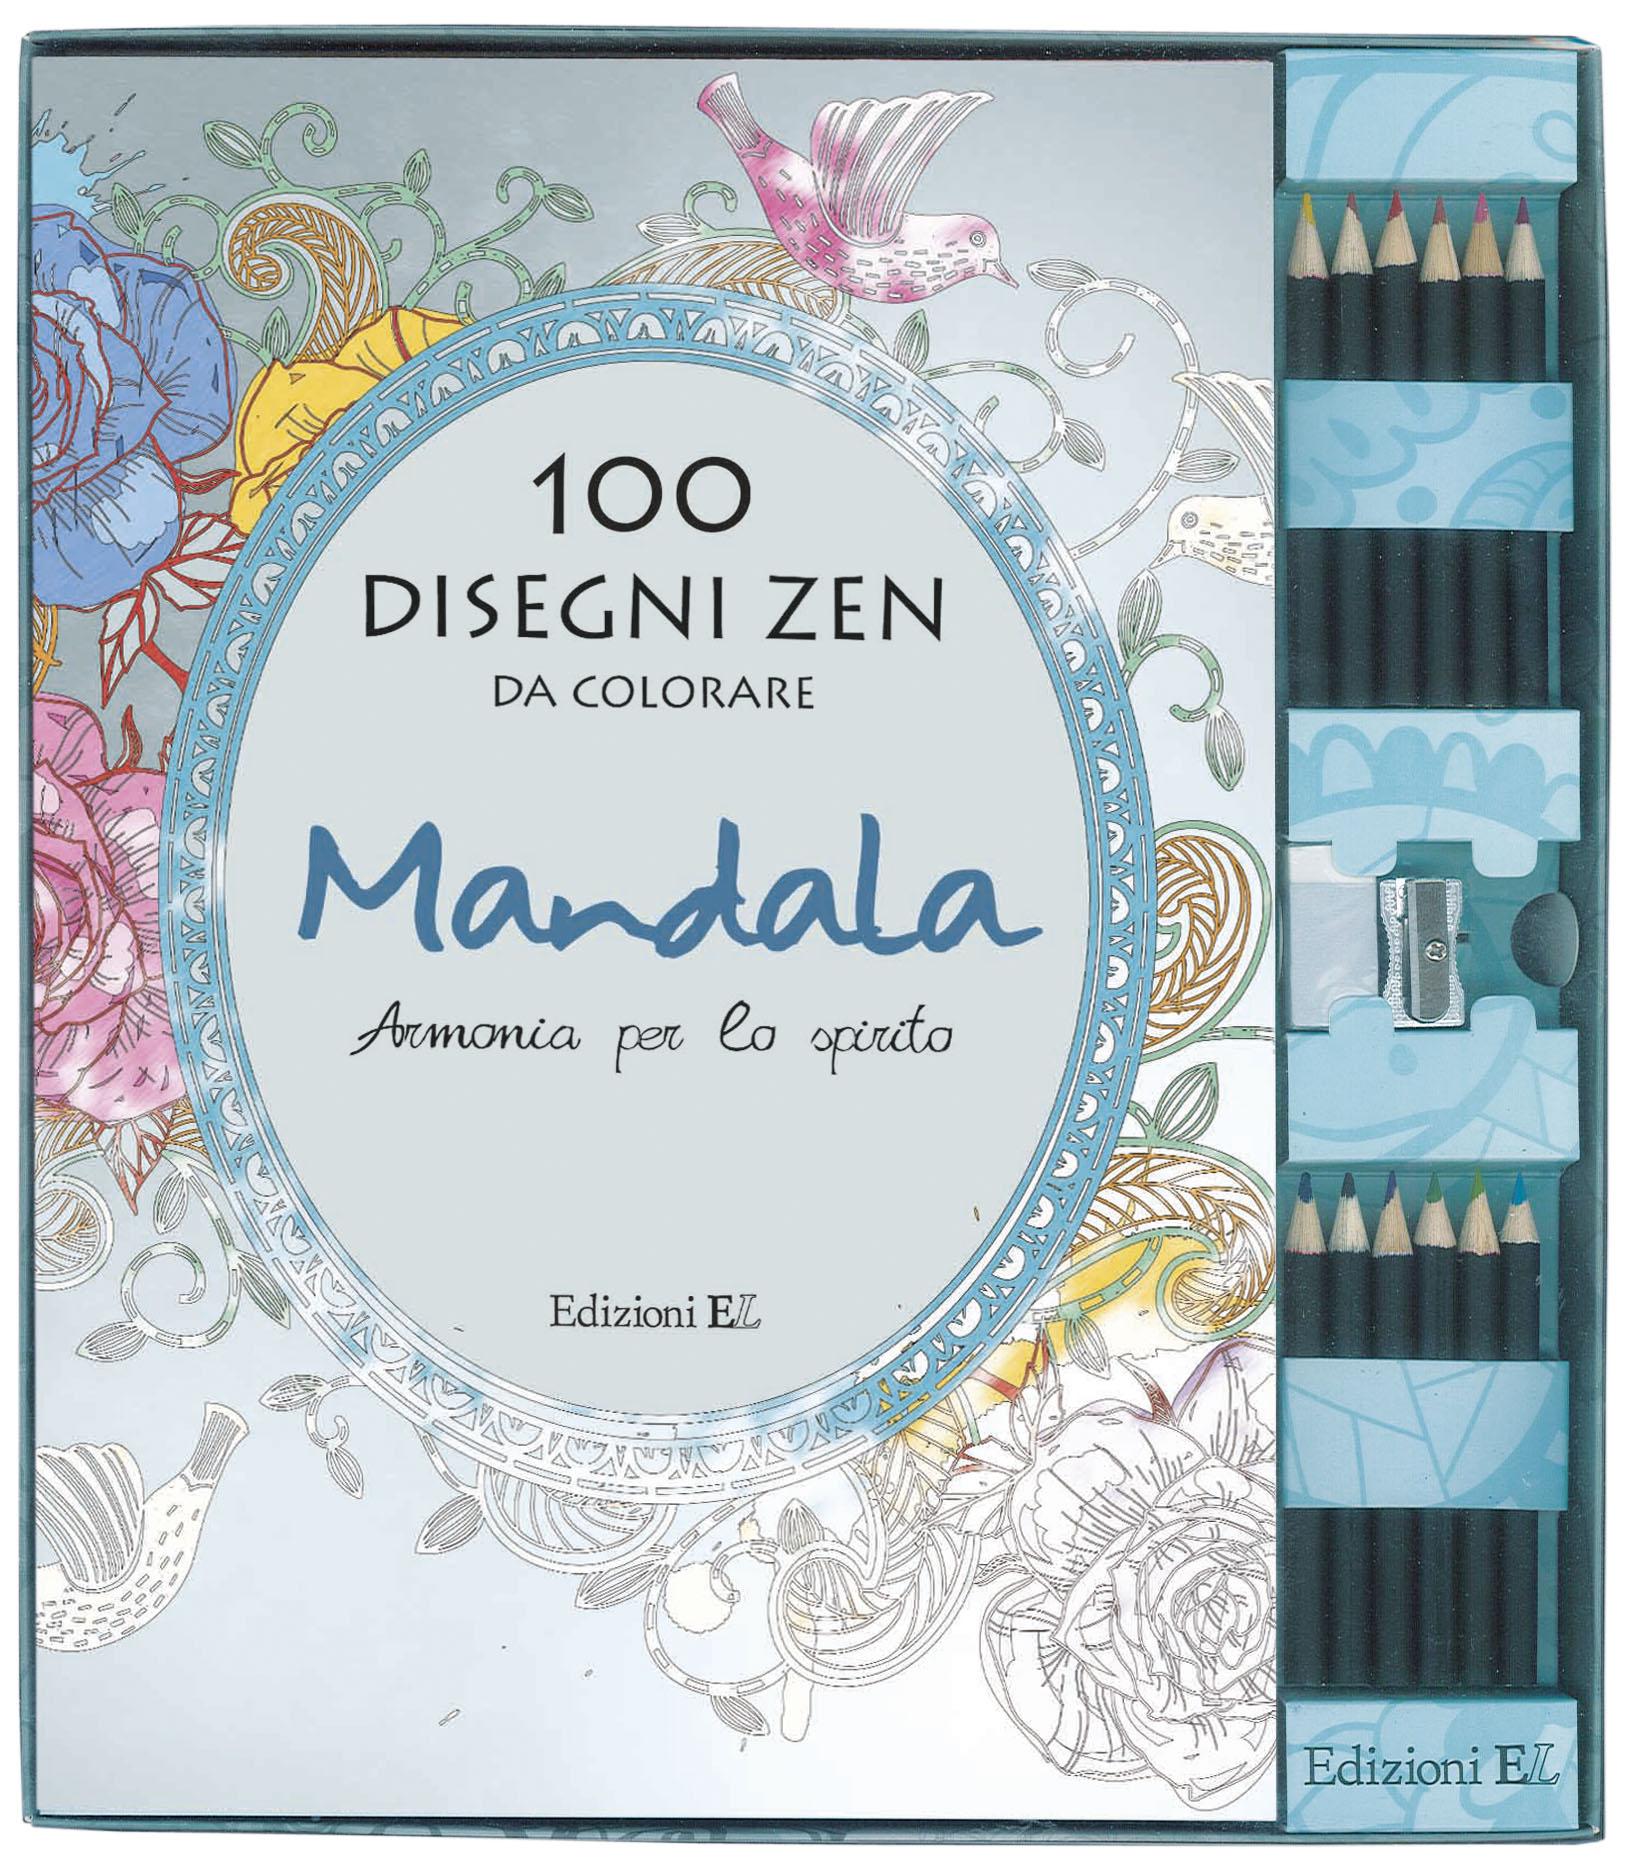 100 Disegni Zen Da Colorare Edizioni El